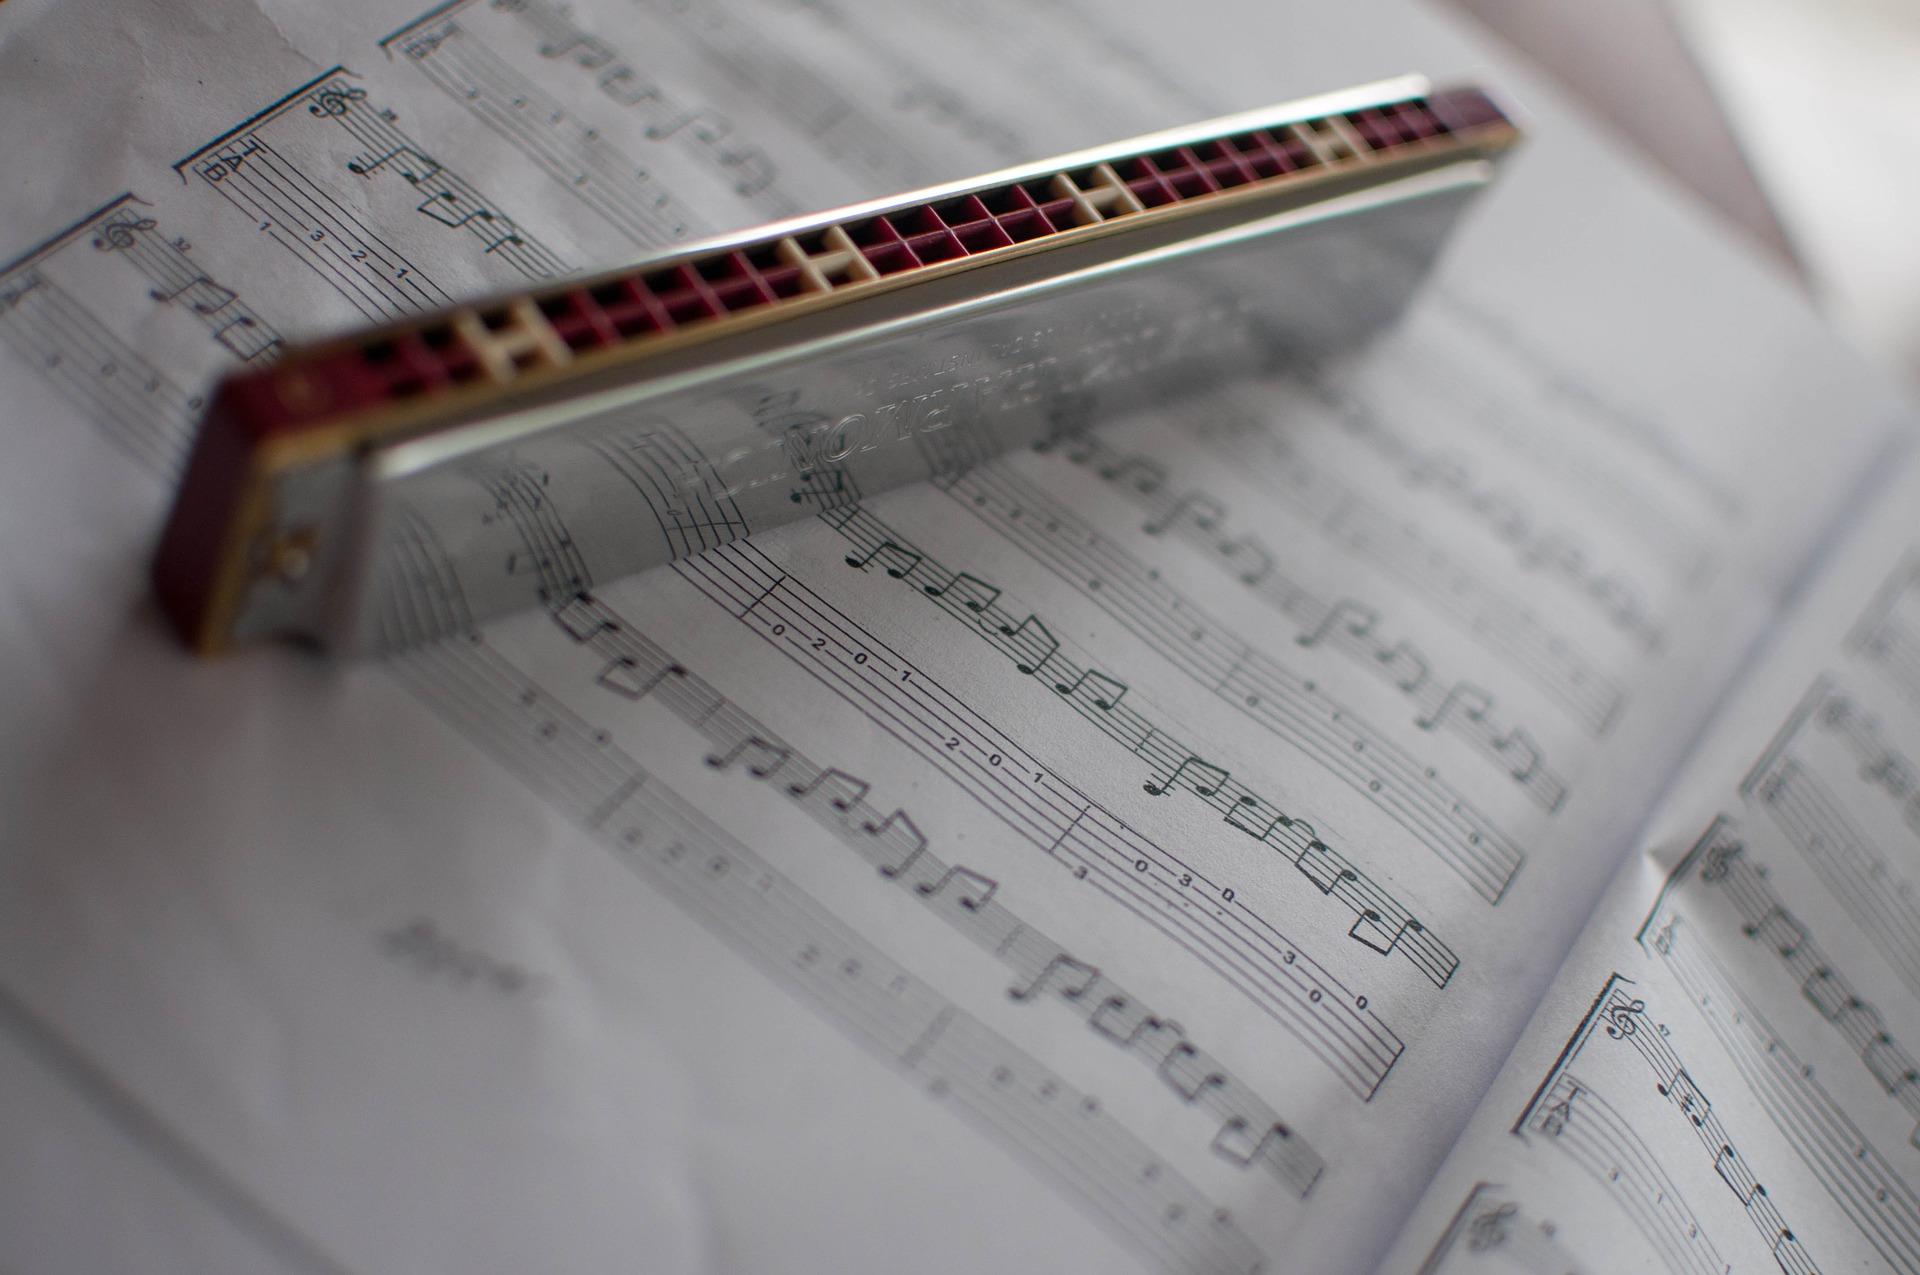 Atelier harmonica